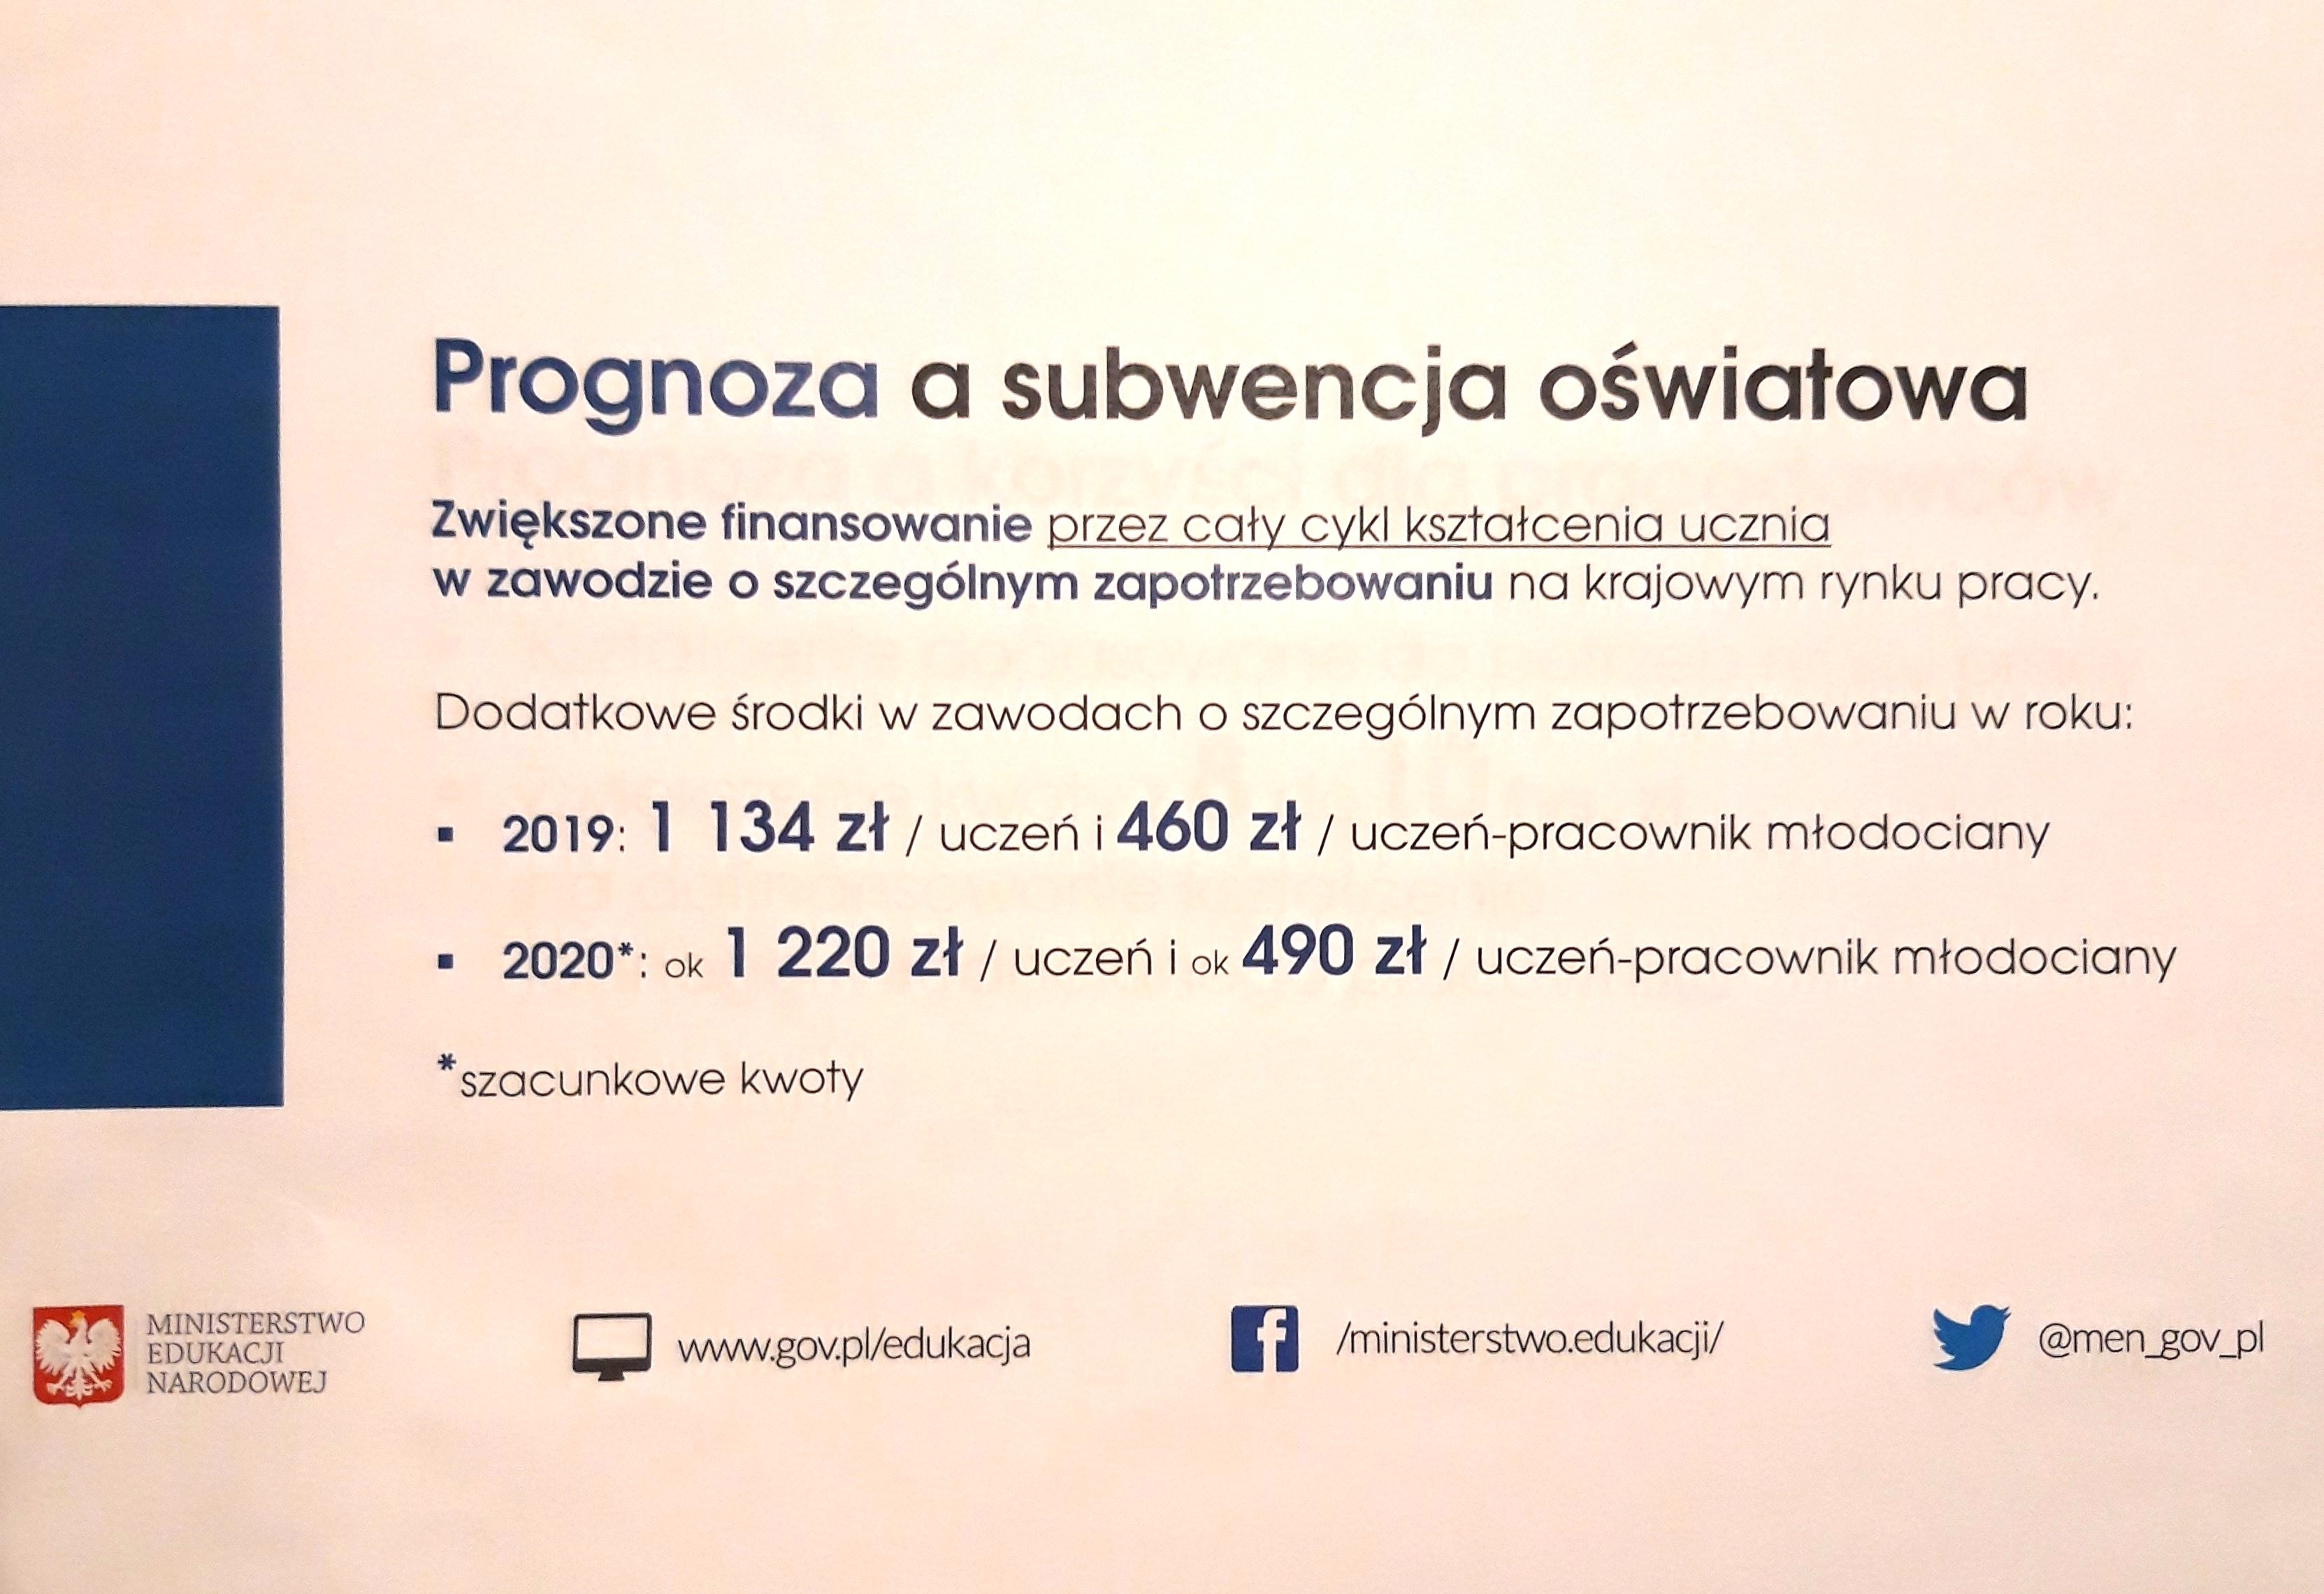 Prognoza zwiększonego finansowania na 2020 r.